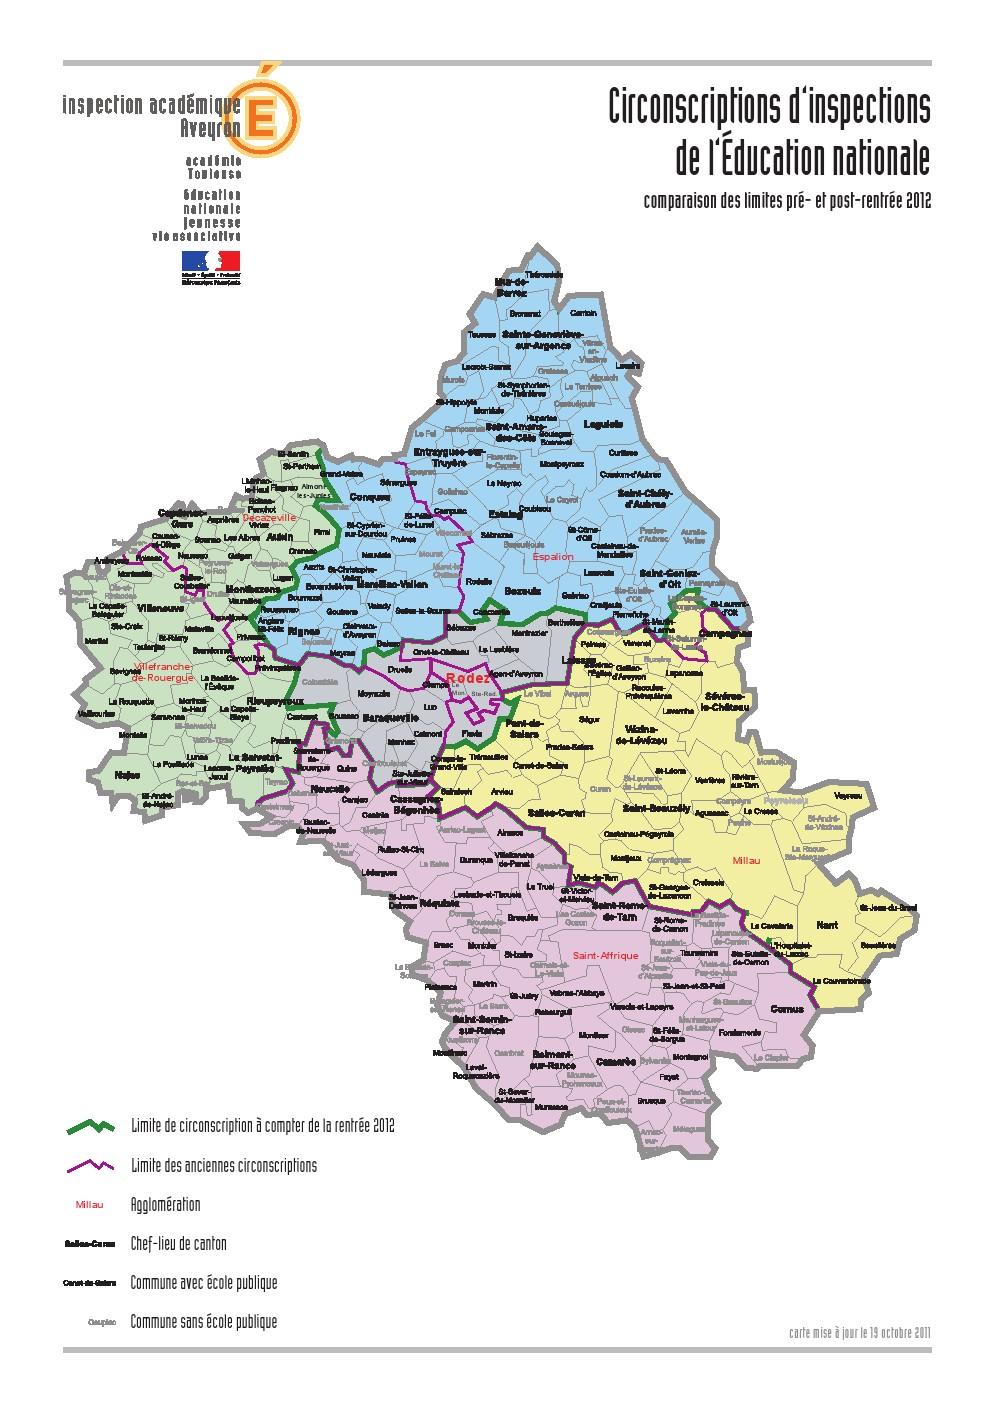 ECOLES PUBLIQUES DE L'AVEYRON ET NOUVELLES CIRCONSCRIPTIONS   SNUipp Aveyron